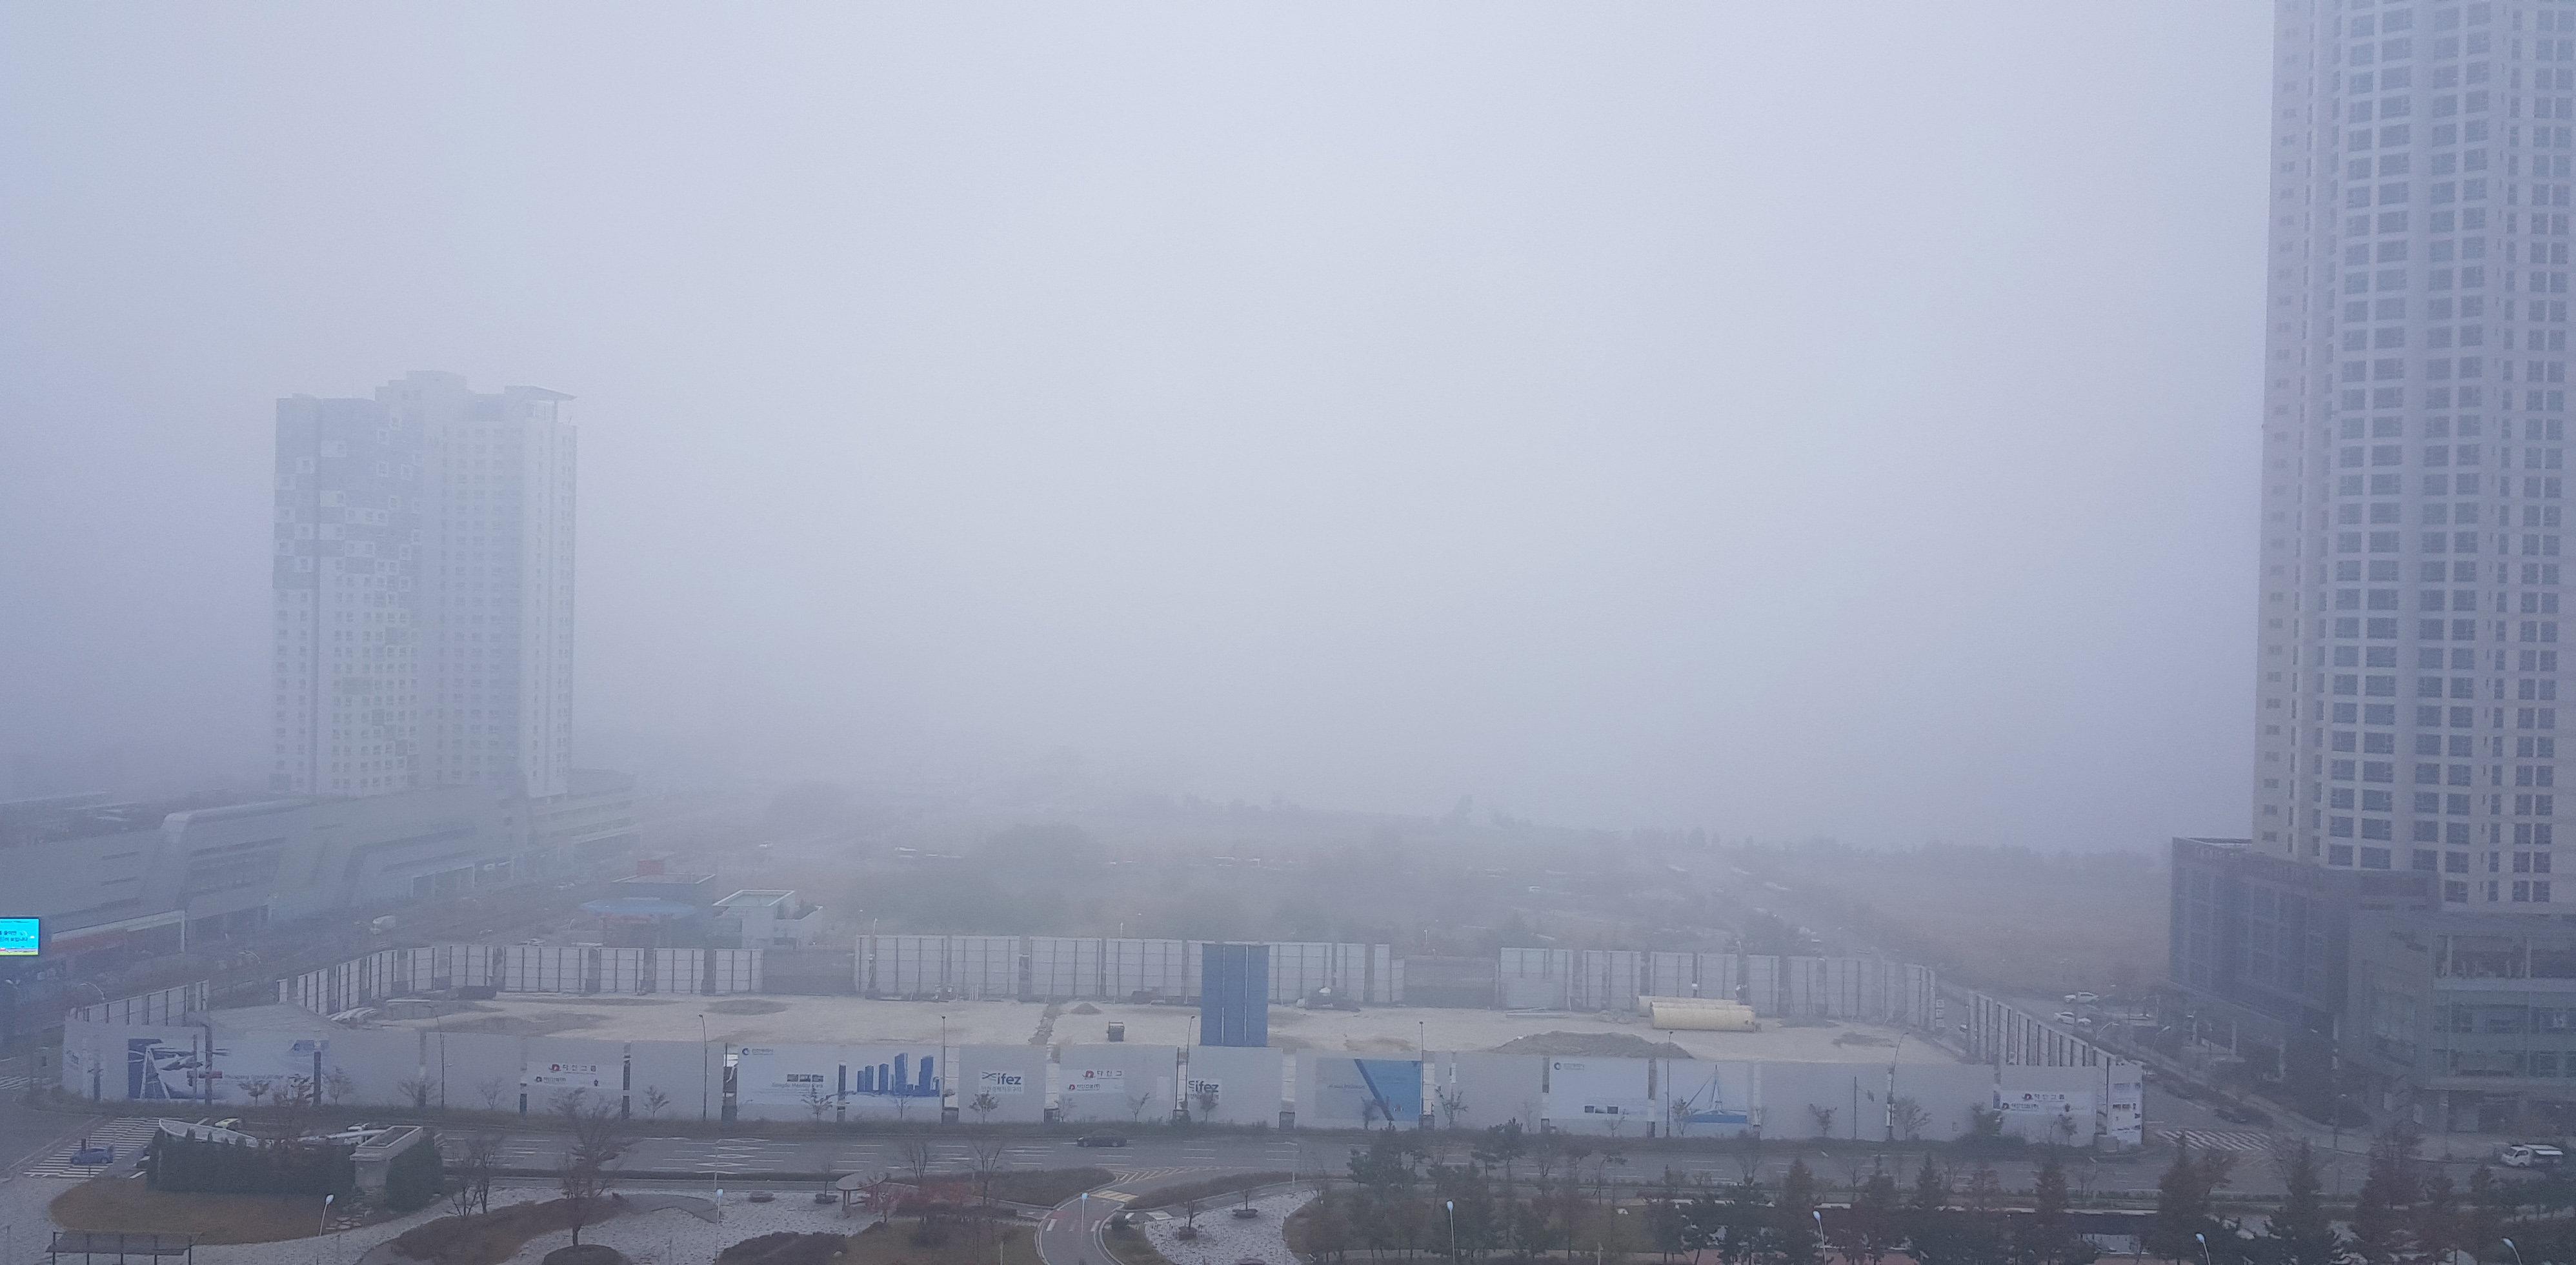 내일(7일) 수도권 지역에 미세먼지 비상저감조치가